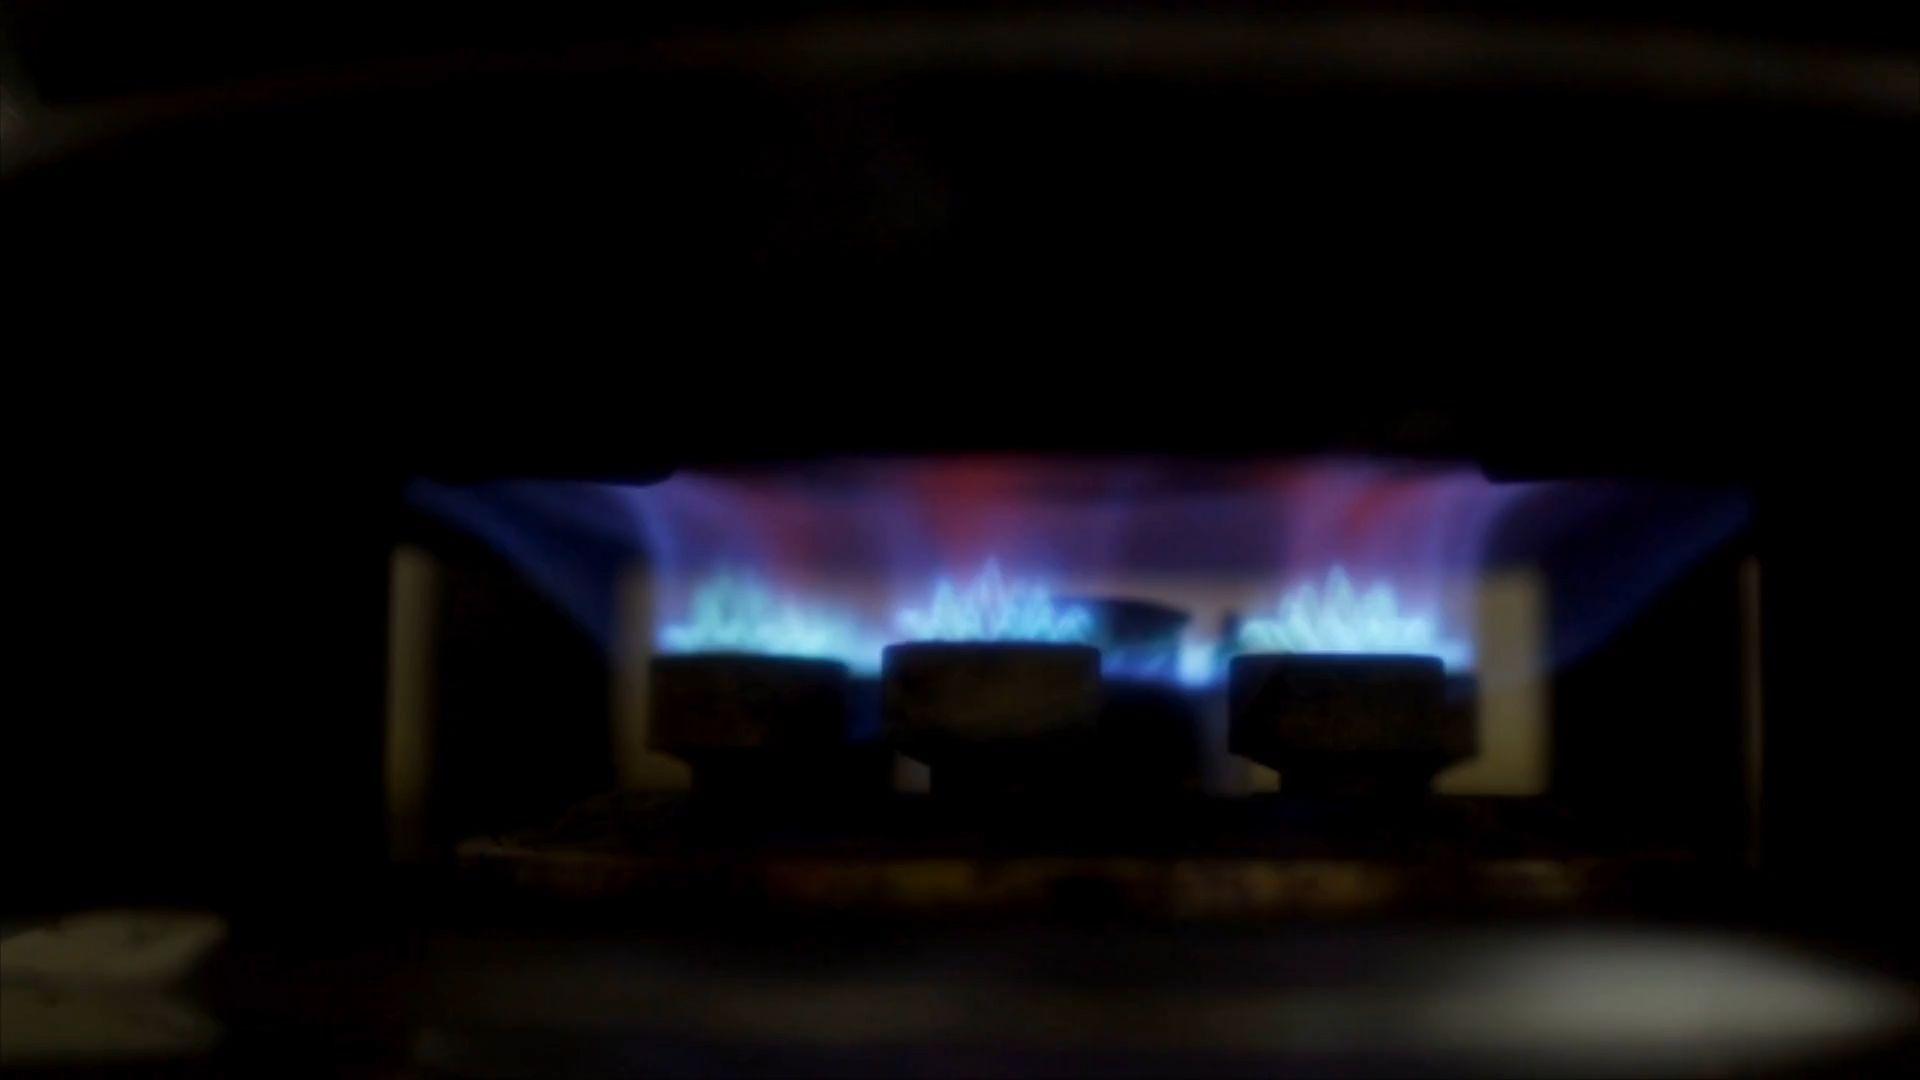 Strom und Gaspreise steigen in Europa rasant – Das kommt jetzt auf die Deutschen zu